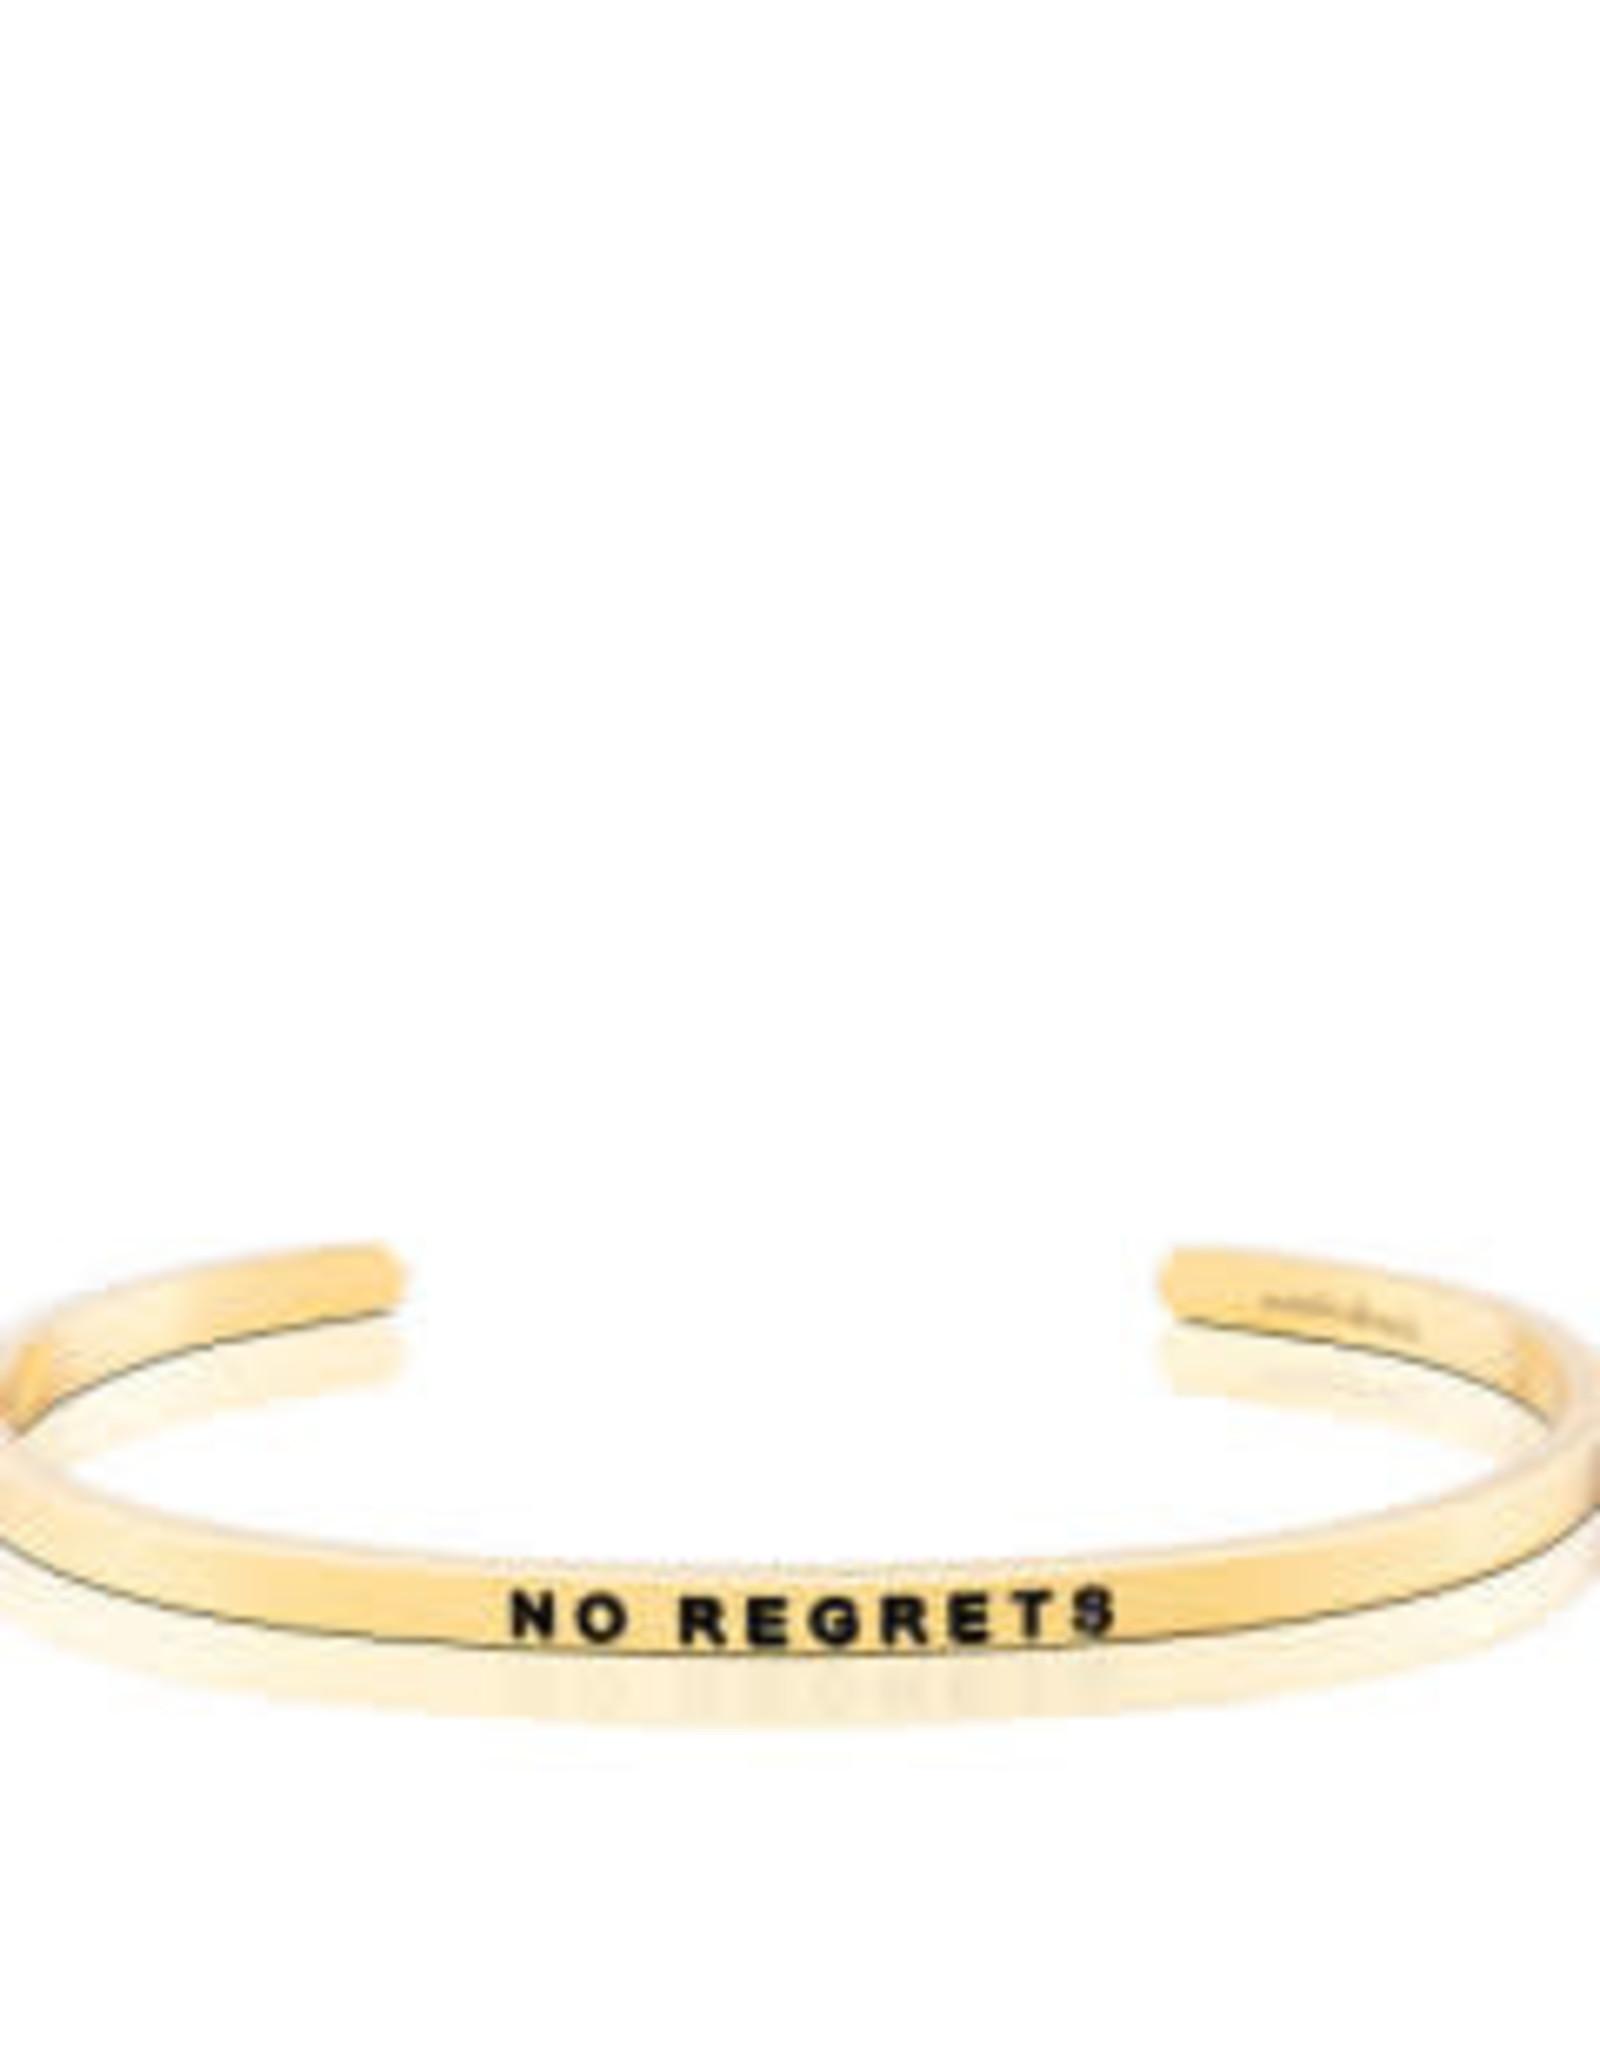 MantraBand MantraBand Bracelet, No Regrets